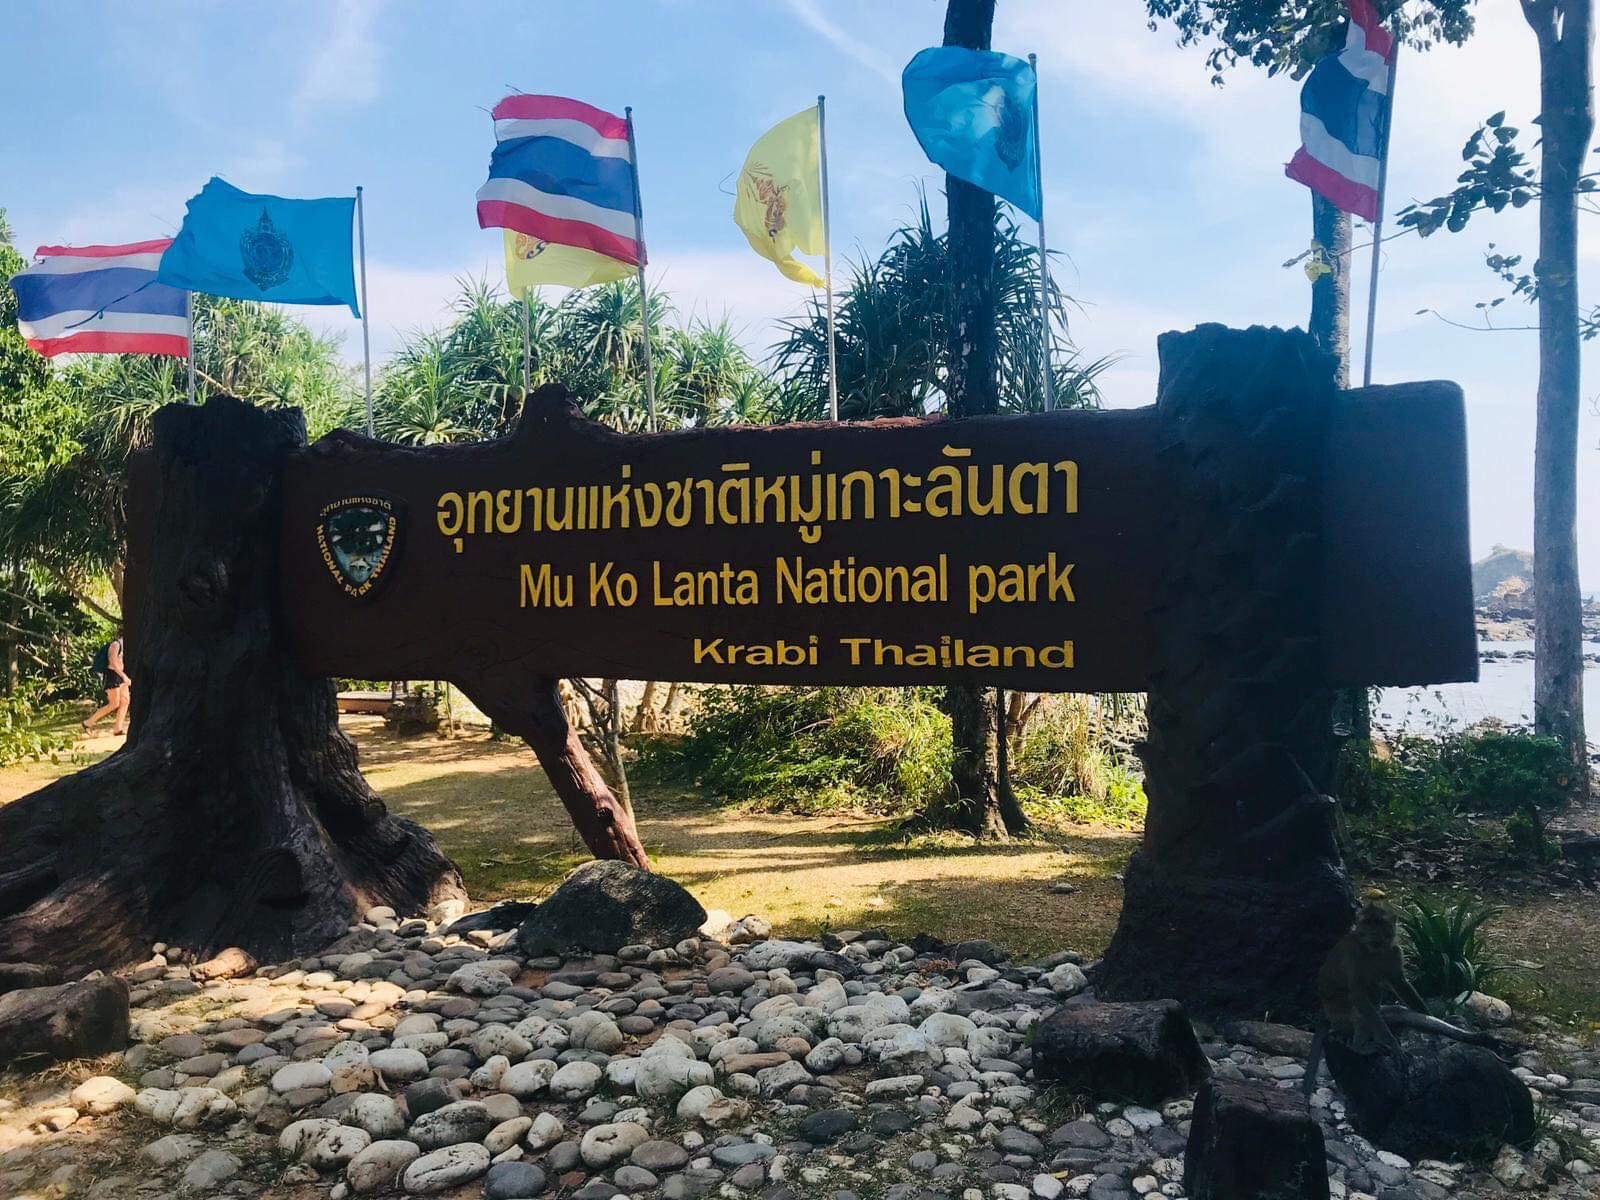 National Park: 200 Baht Entrance Fee + 20 Baht Parking (~$9 CAD)